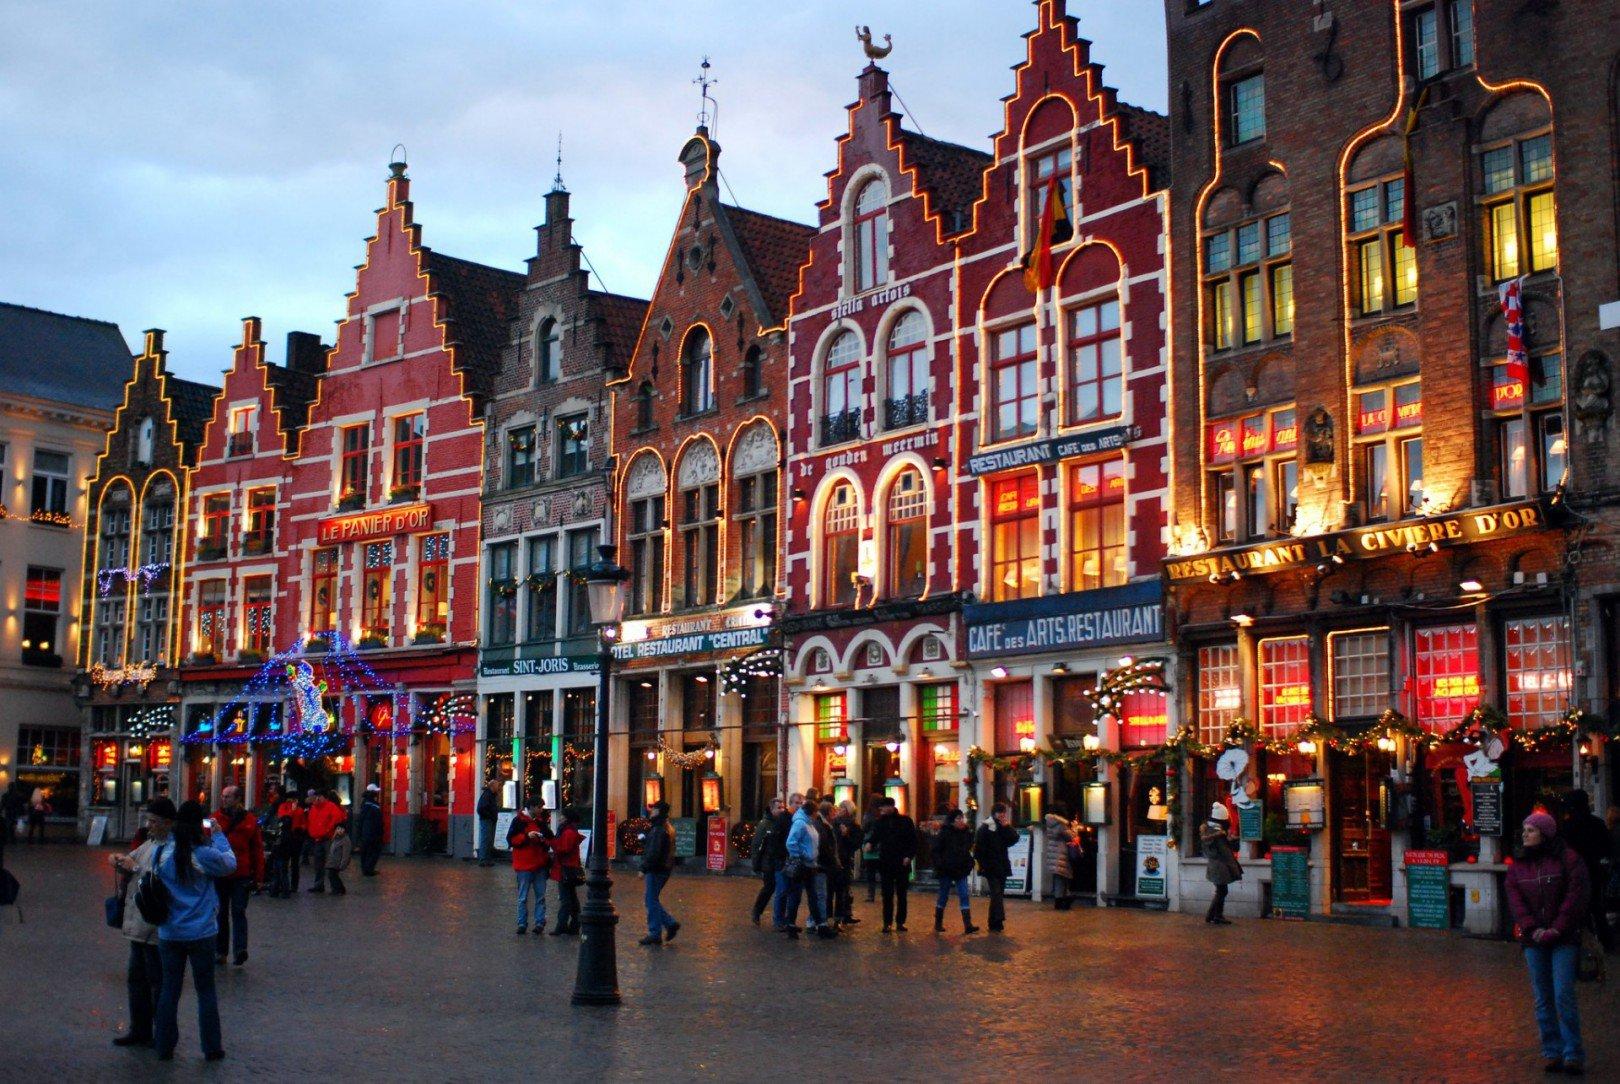 kerstmarkt brugge featured flickr - De 12 leukste kerstmarkten in België in 2019 (+ hoteltips)